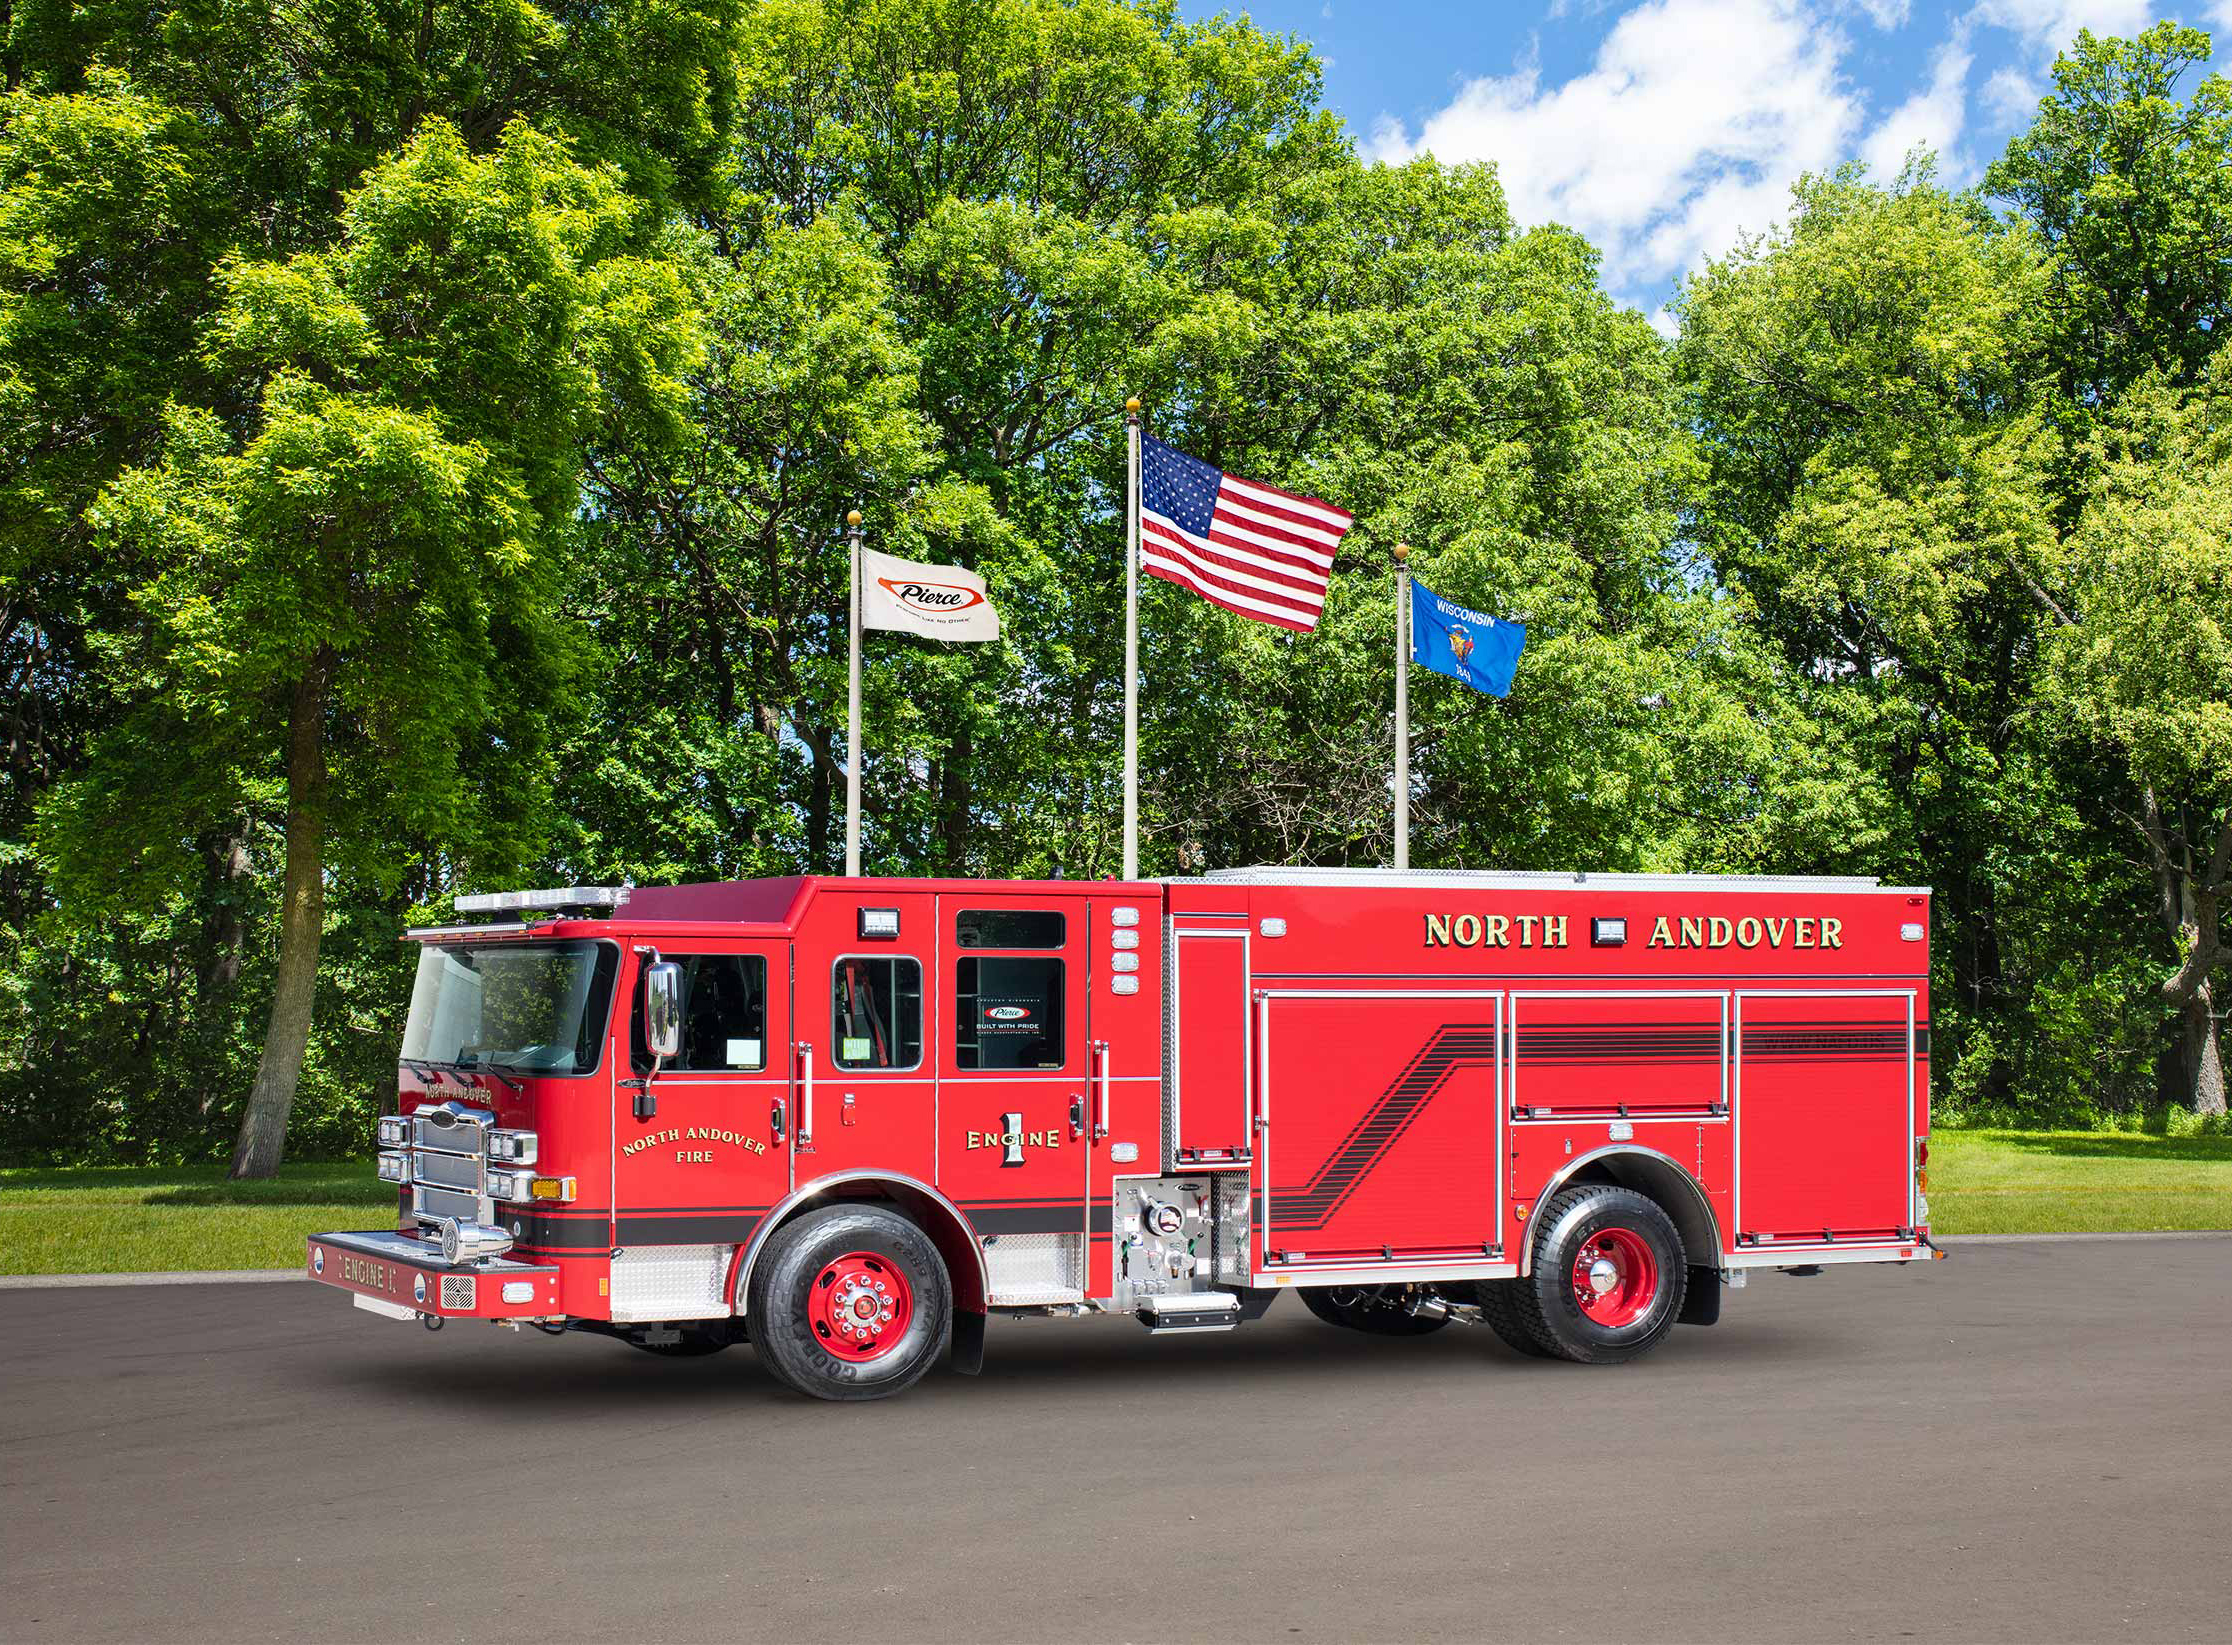 North Andover Fire Department - Pumper